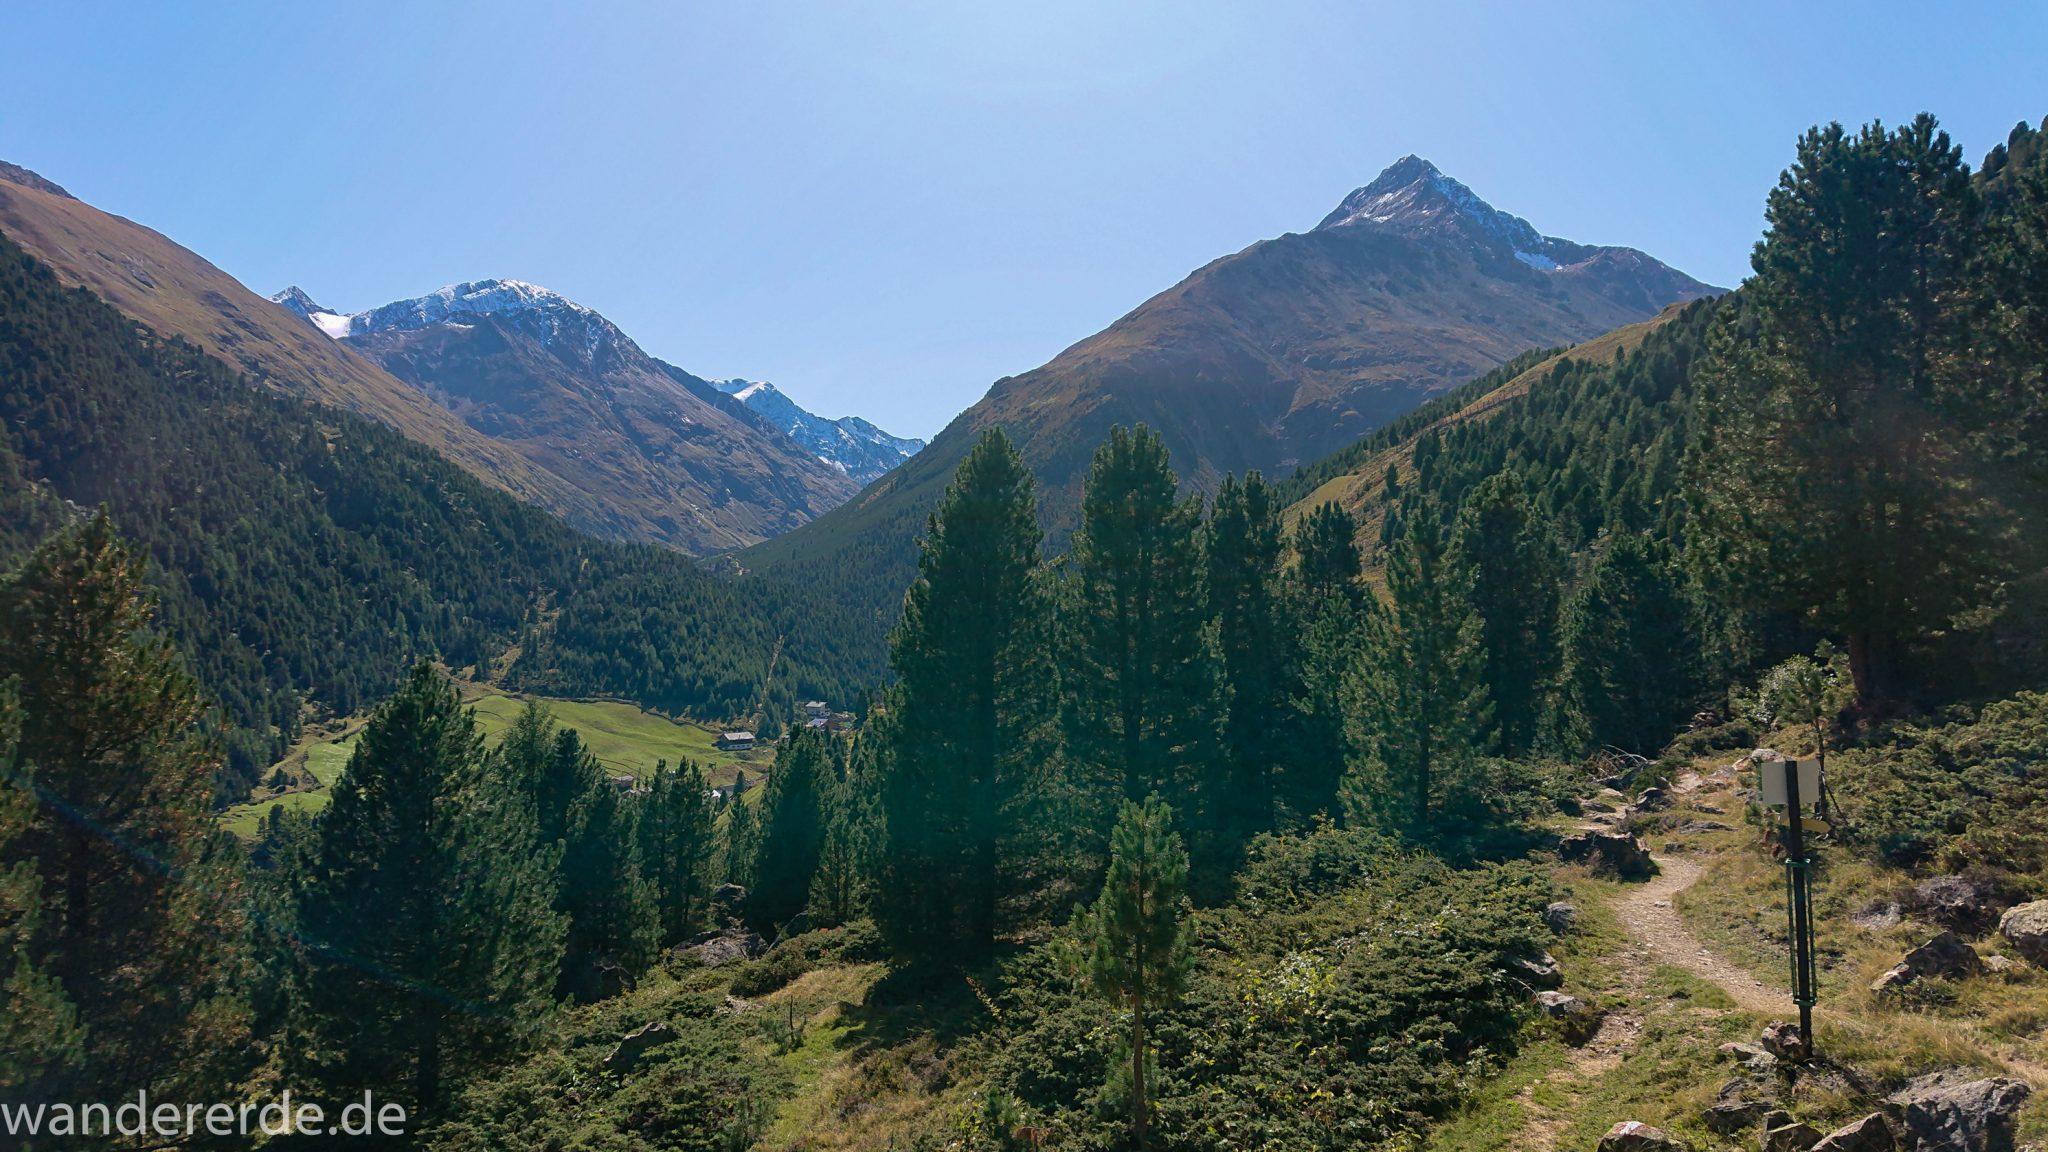 Alpenüberquerung Fernwanderweg E5 Oberstdorf Meran, 5. Etappe von Braunschweiger Hütte zur Martin-Busch-Hütte, Wanderung auf dem neuen Panoramaweg nach Vent dauert 4 Stunden, sehr abwechslungsreiche Wegführung auf schmalem, schönem Wanderweg, Zeit vergeht schnell, immer nur kurze Abschnitte ansteigend bergauf, dann wieder bergab teils durch schönen Wald, zum Schluss breiterer Weg, der über steile Abschnitte abgekürzt werden kann, zauberhafte Ausblicke auf die umliegenden Berge und ins Tal, herrliches Wetter zum Wandern bei strahlendem Sonnenschein, Ort Vent ist links sichtbar